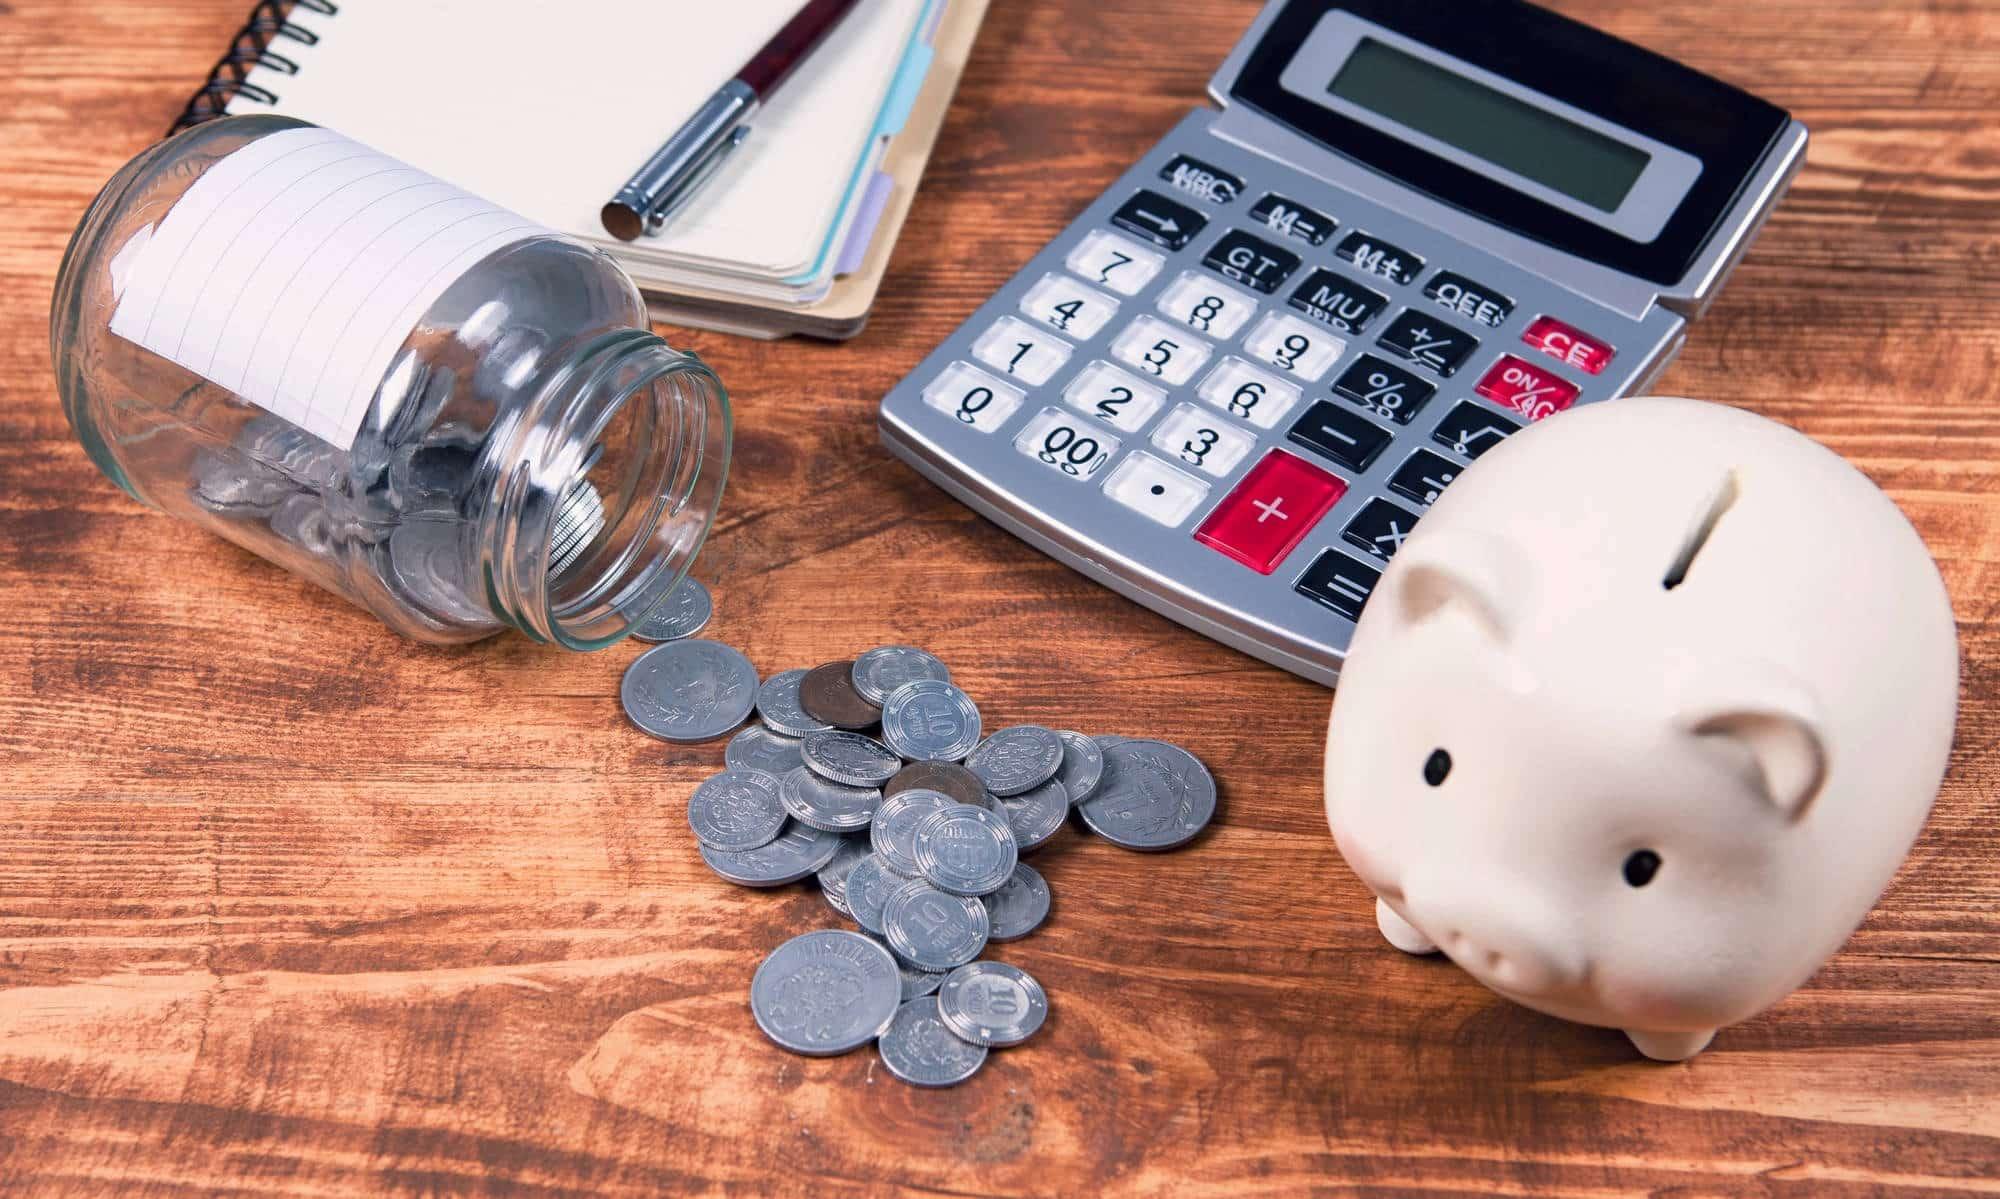 Расходы на коммунальные услуги: как уменьшить, простые приёмы и технические приспособления